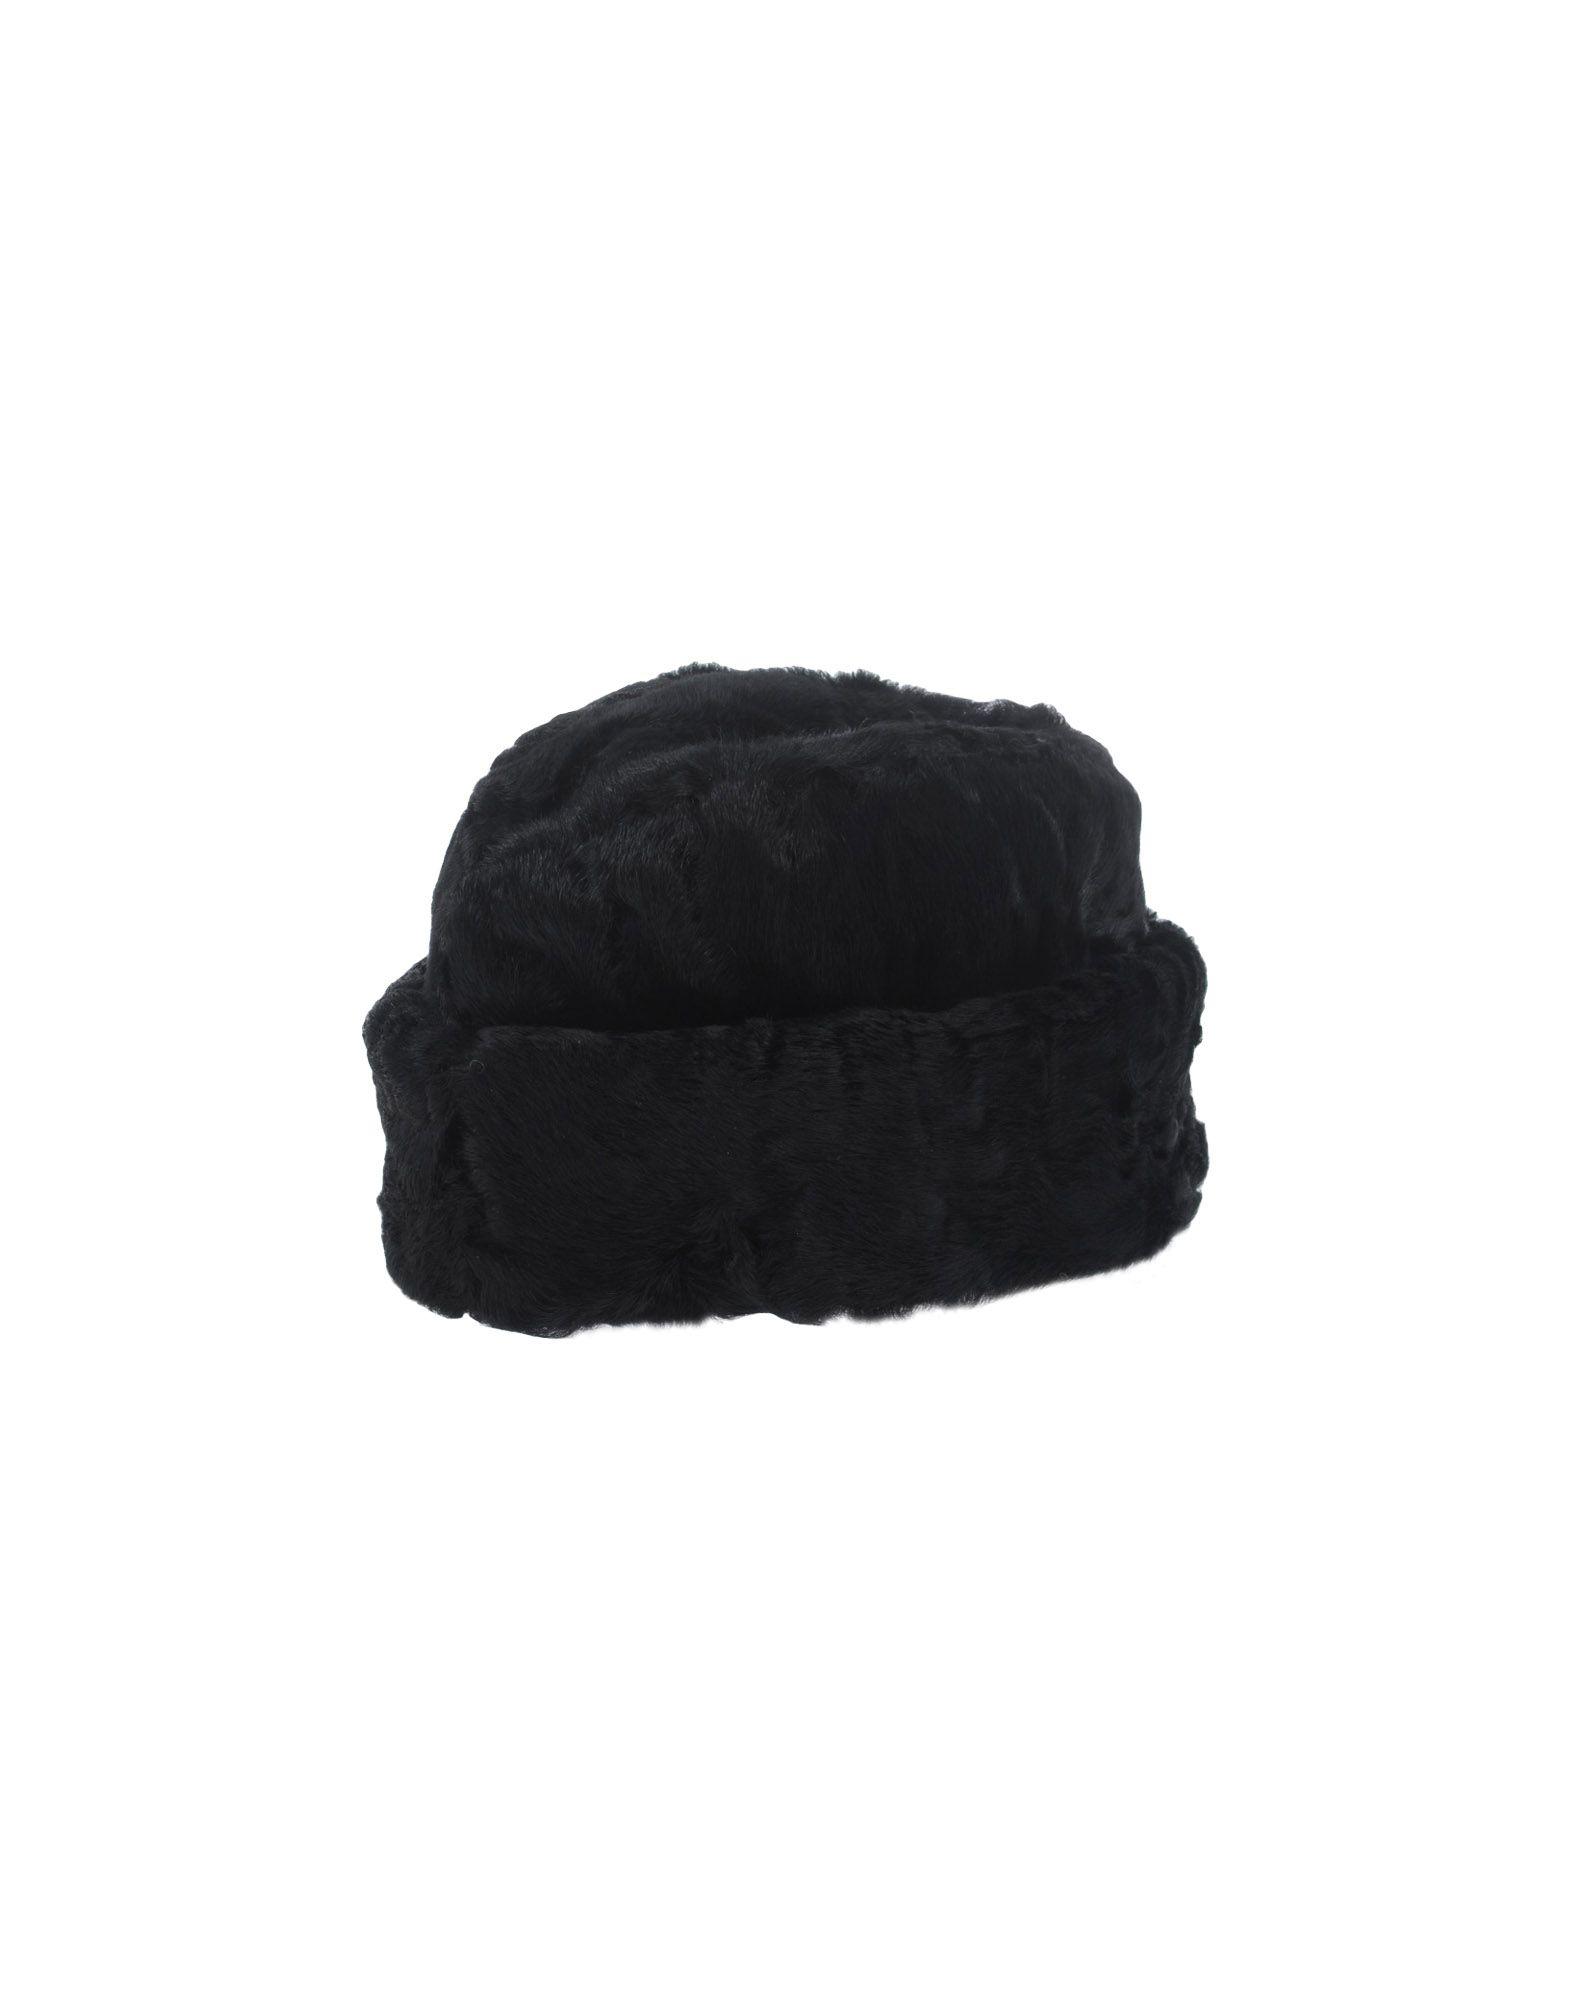 Buy hats for men - Best men s hats shop - Cools.com 8188d03b7cb